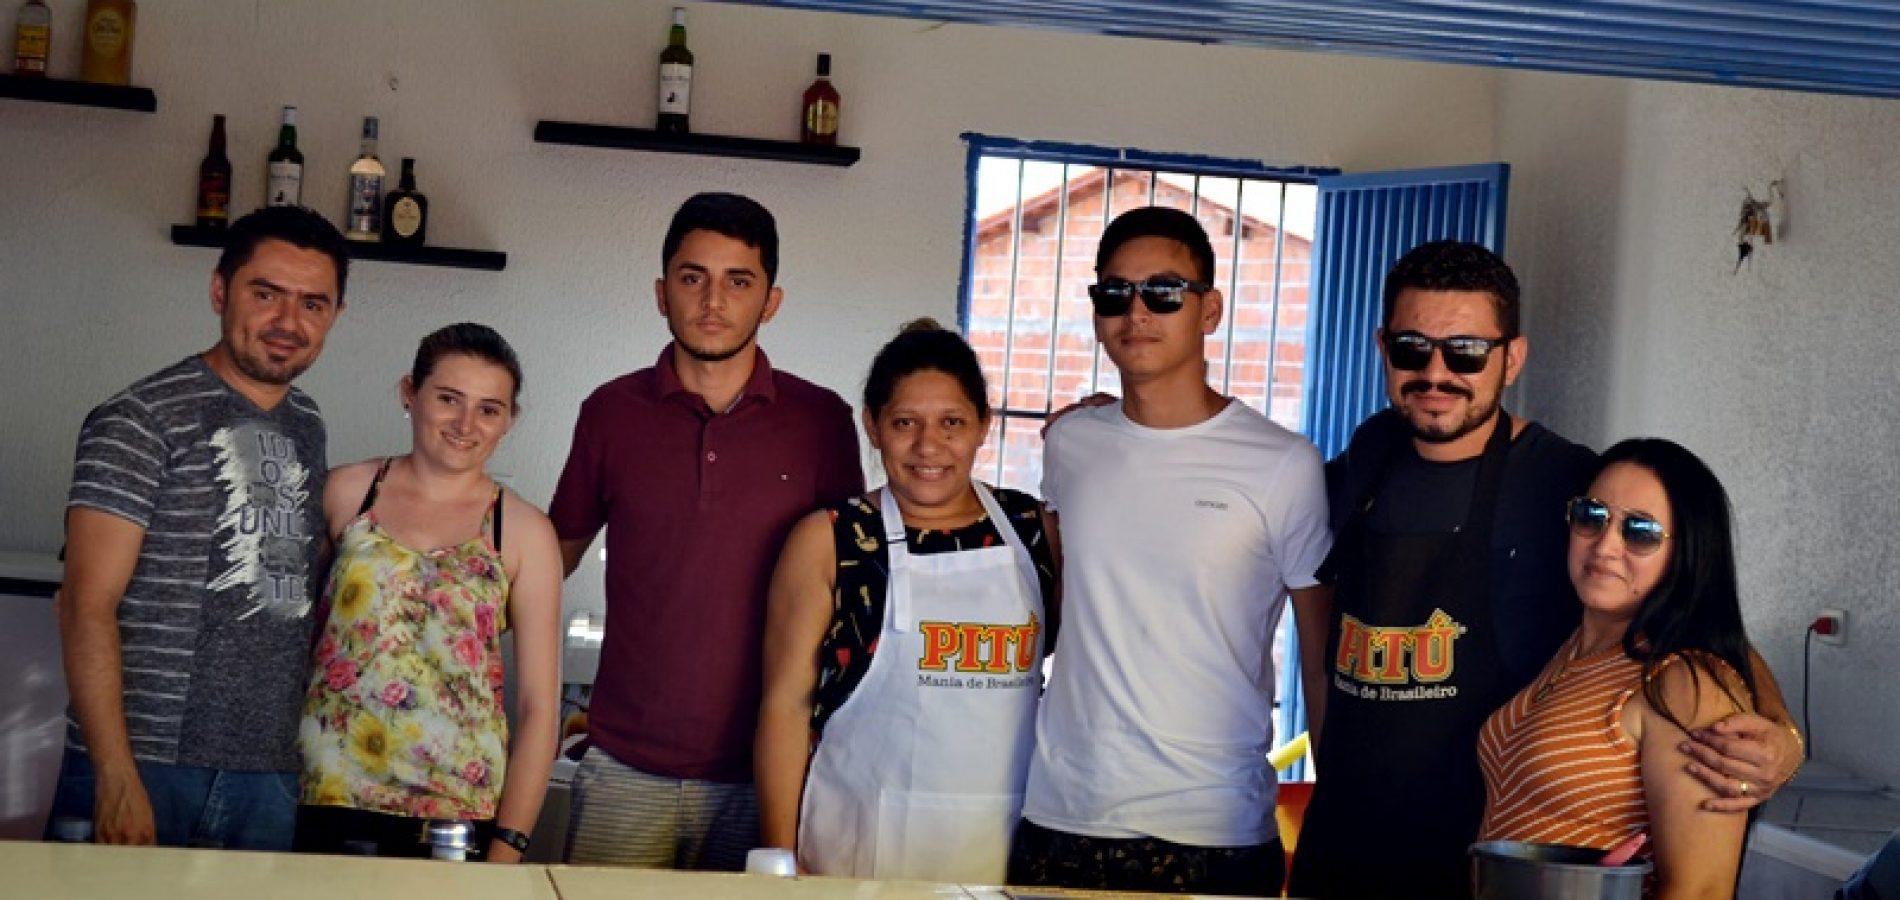 JAICÓS | Veja quem participou do show com Rômulo Junior na AABB